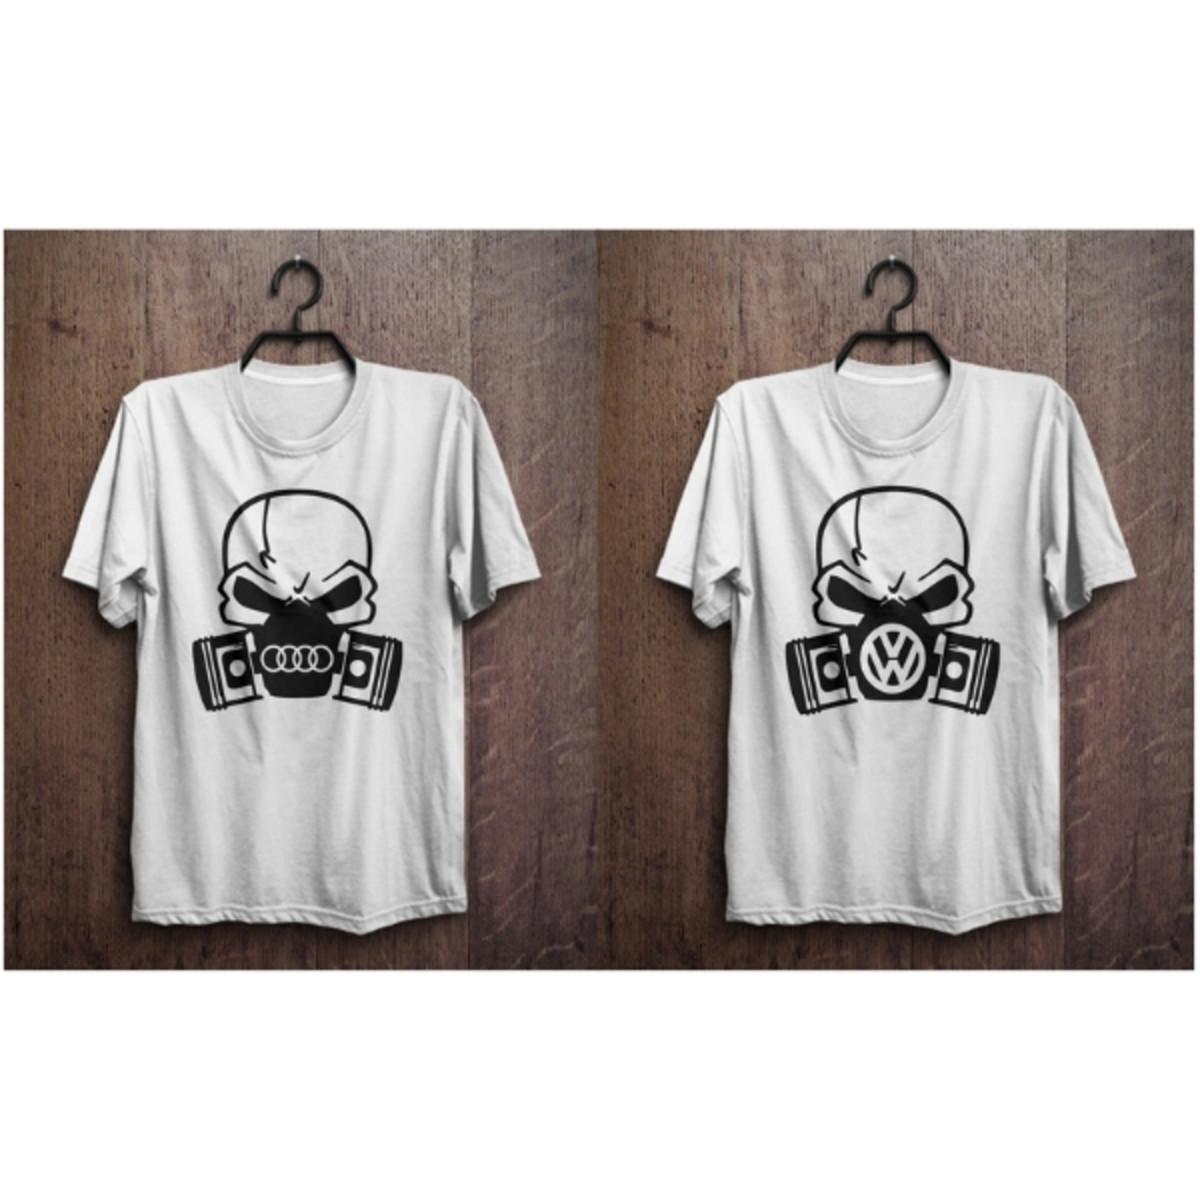 7186f48c63969 kit camisetas masculinas com estampa de caveira no Elo7